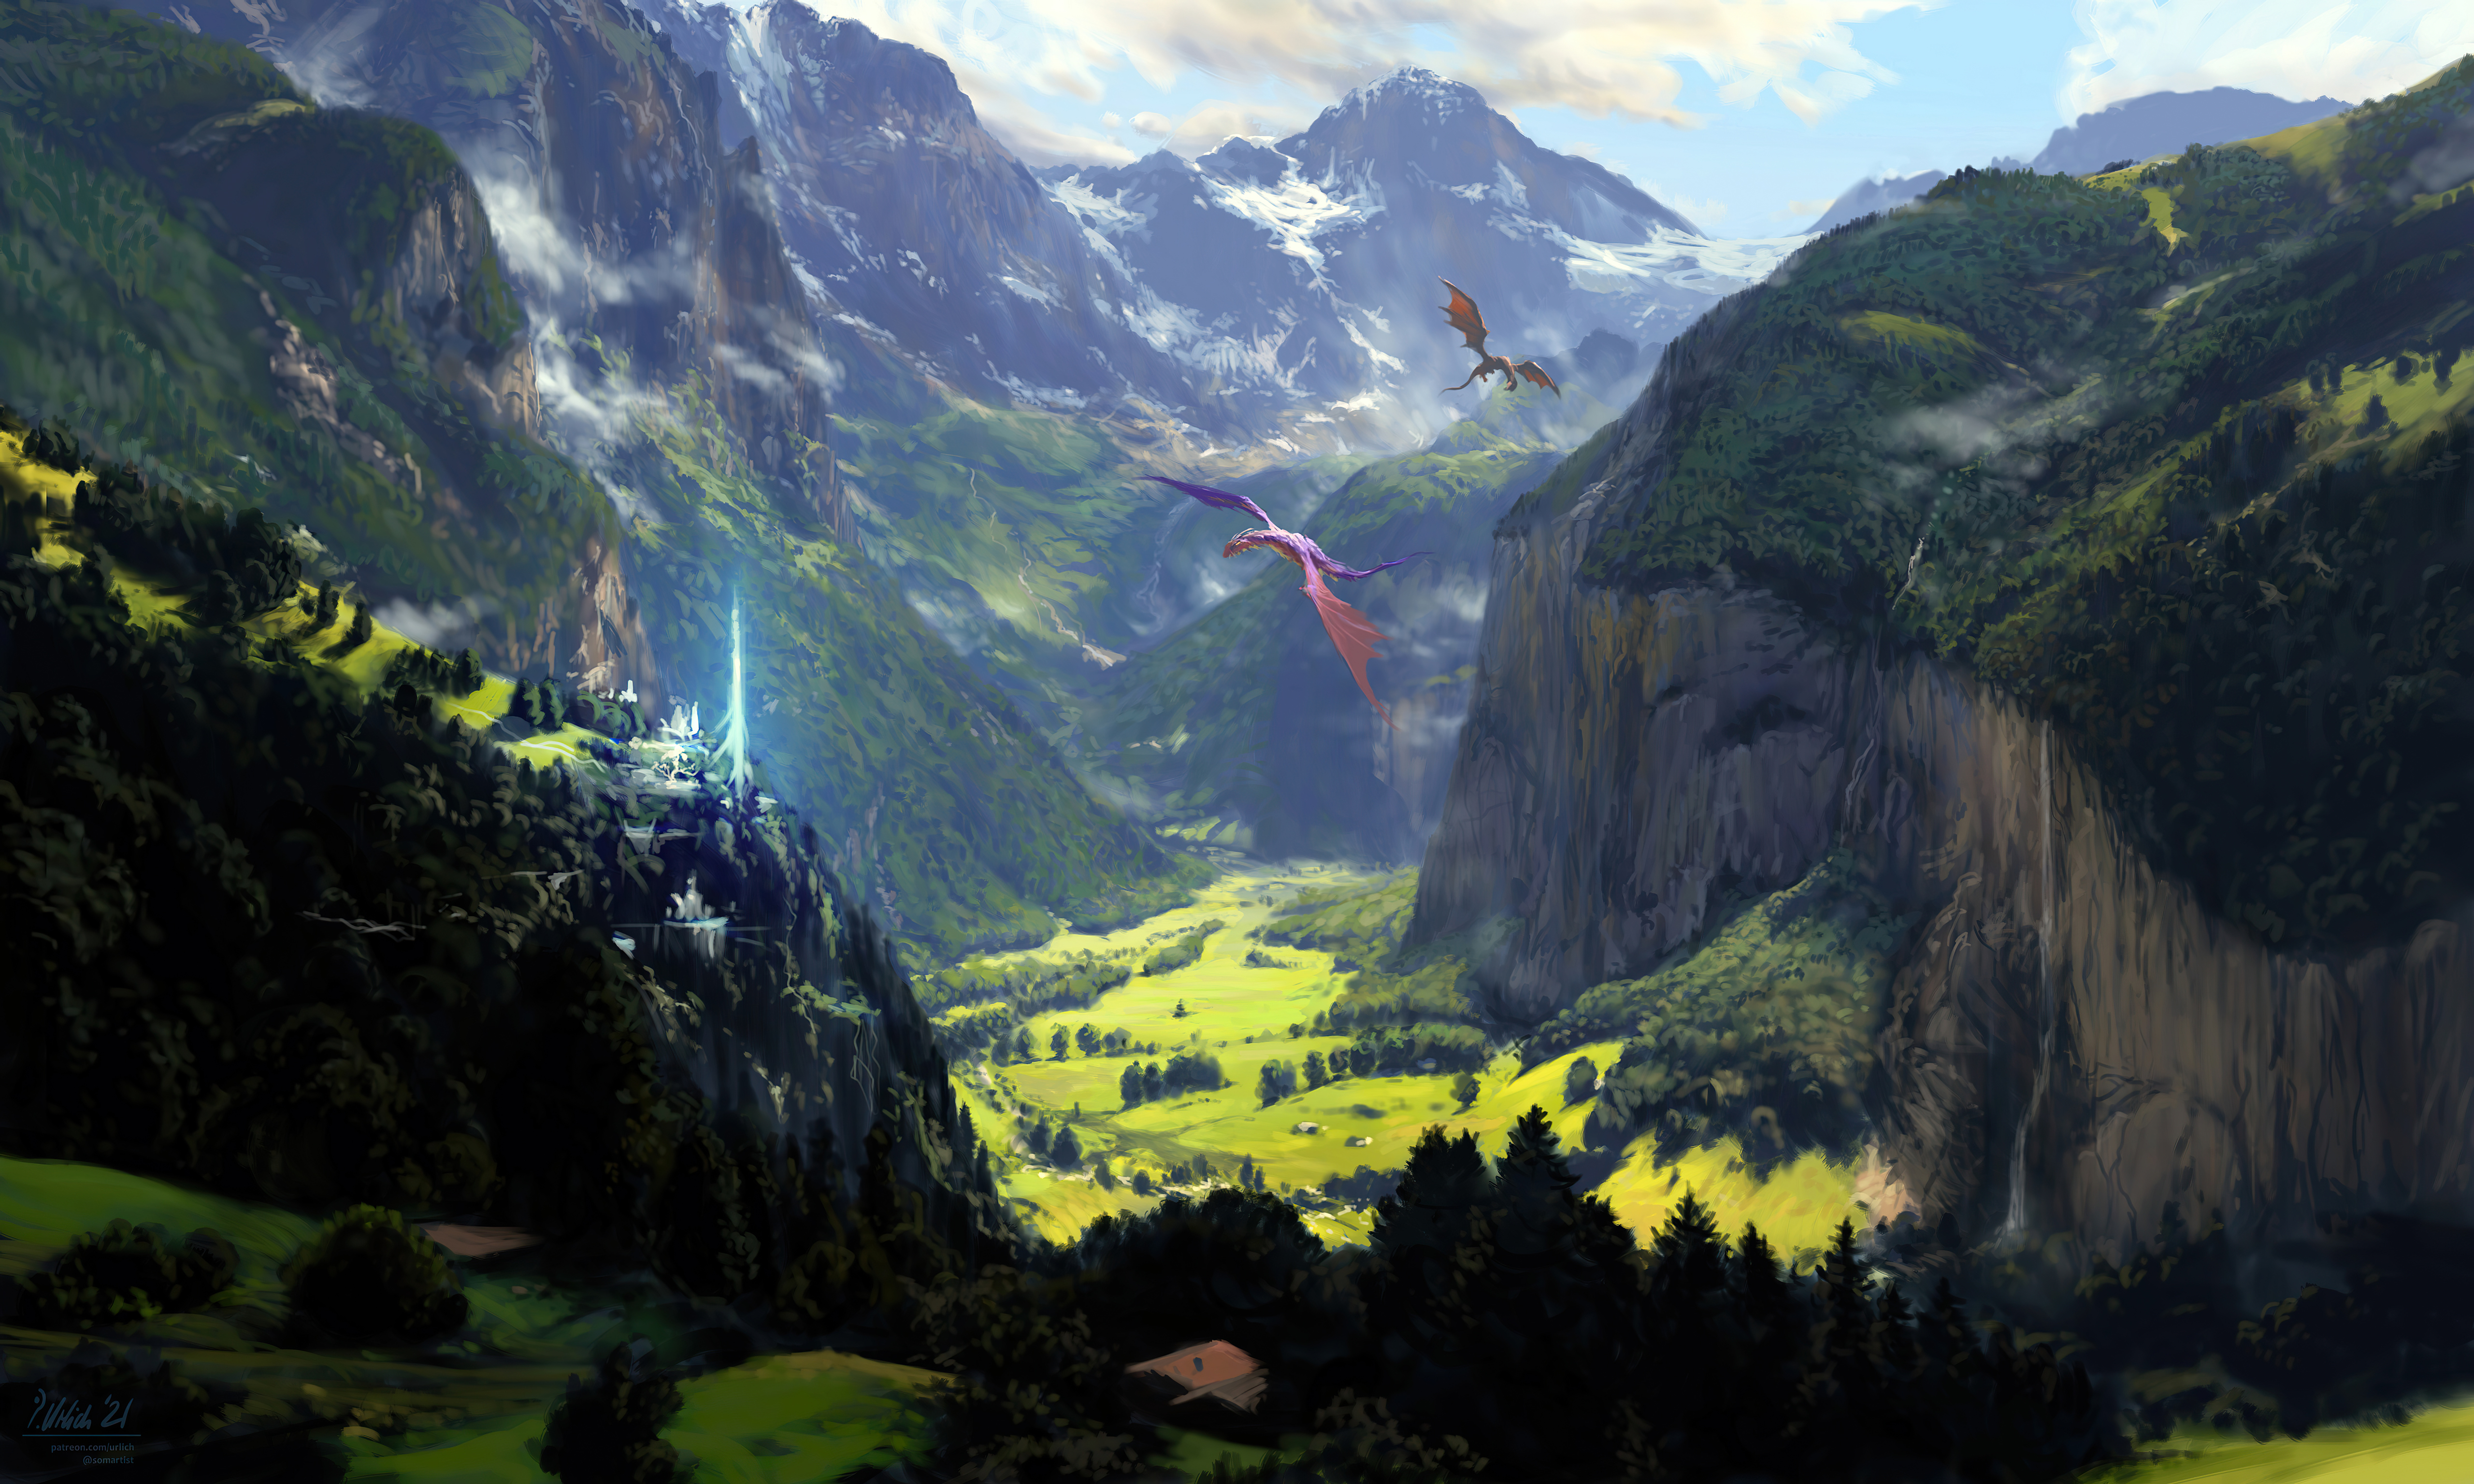 homeland 3 dragon and landscapes 4k 1618128095 - Homeland 3 Dragon And Landscapes 4k - Homeland 3 Dragon And Landscapes 4k wallpapers